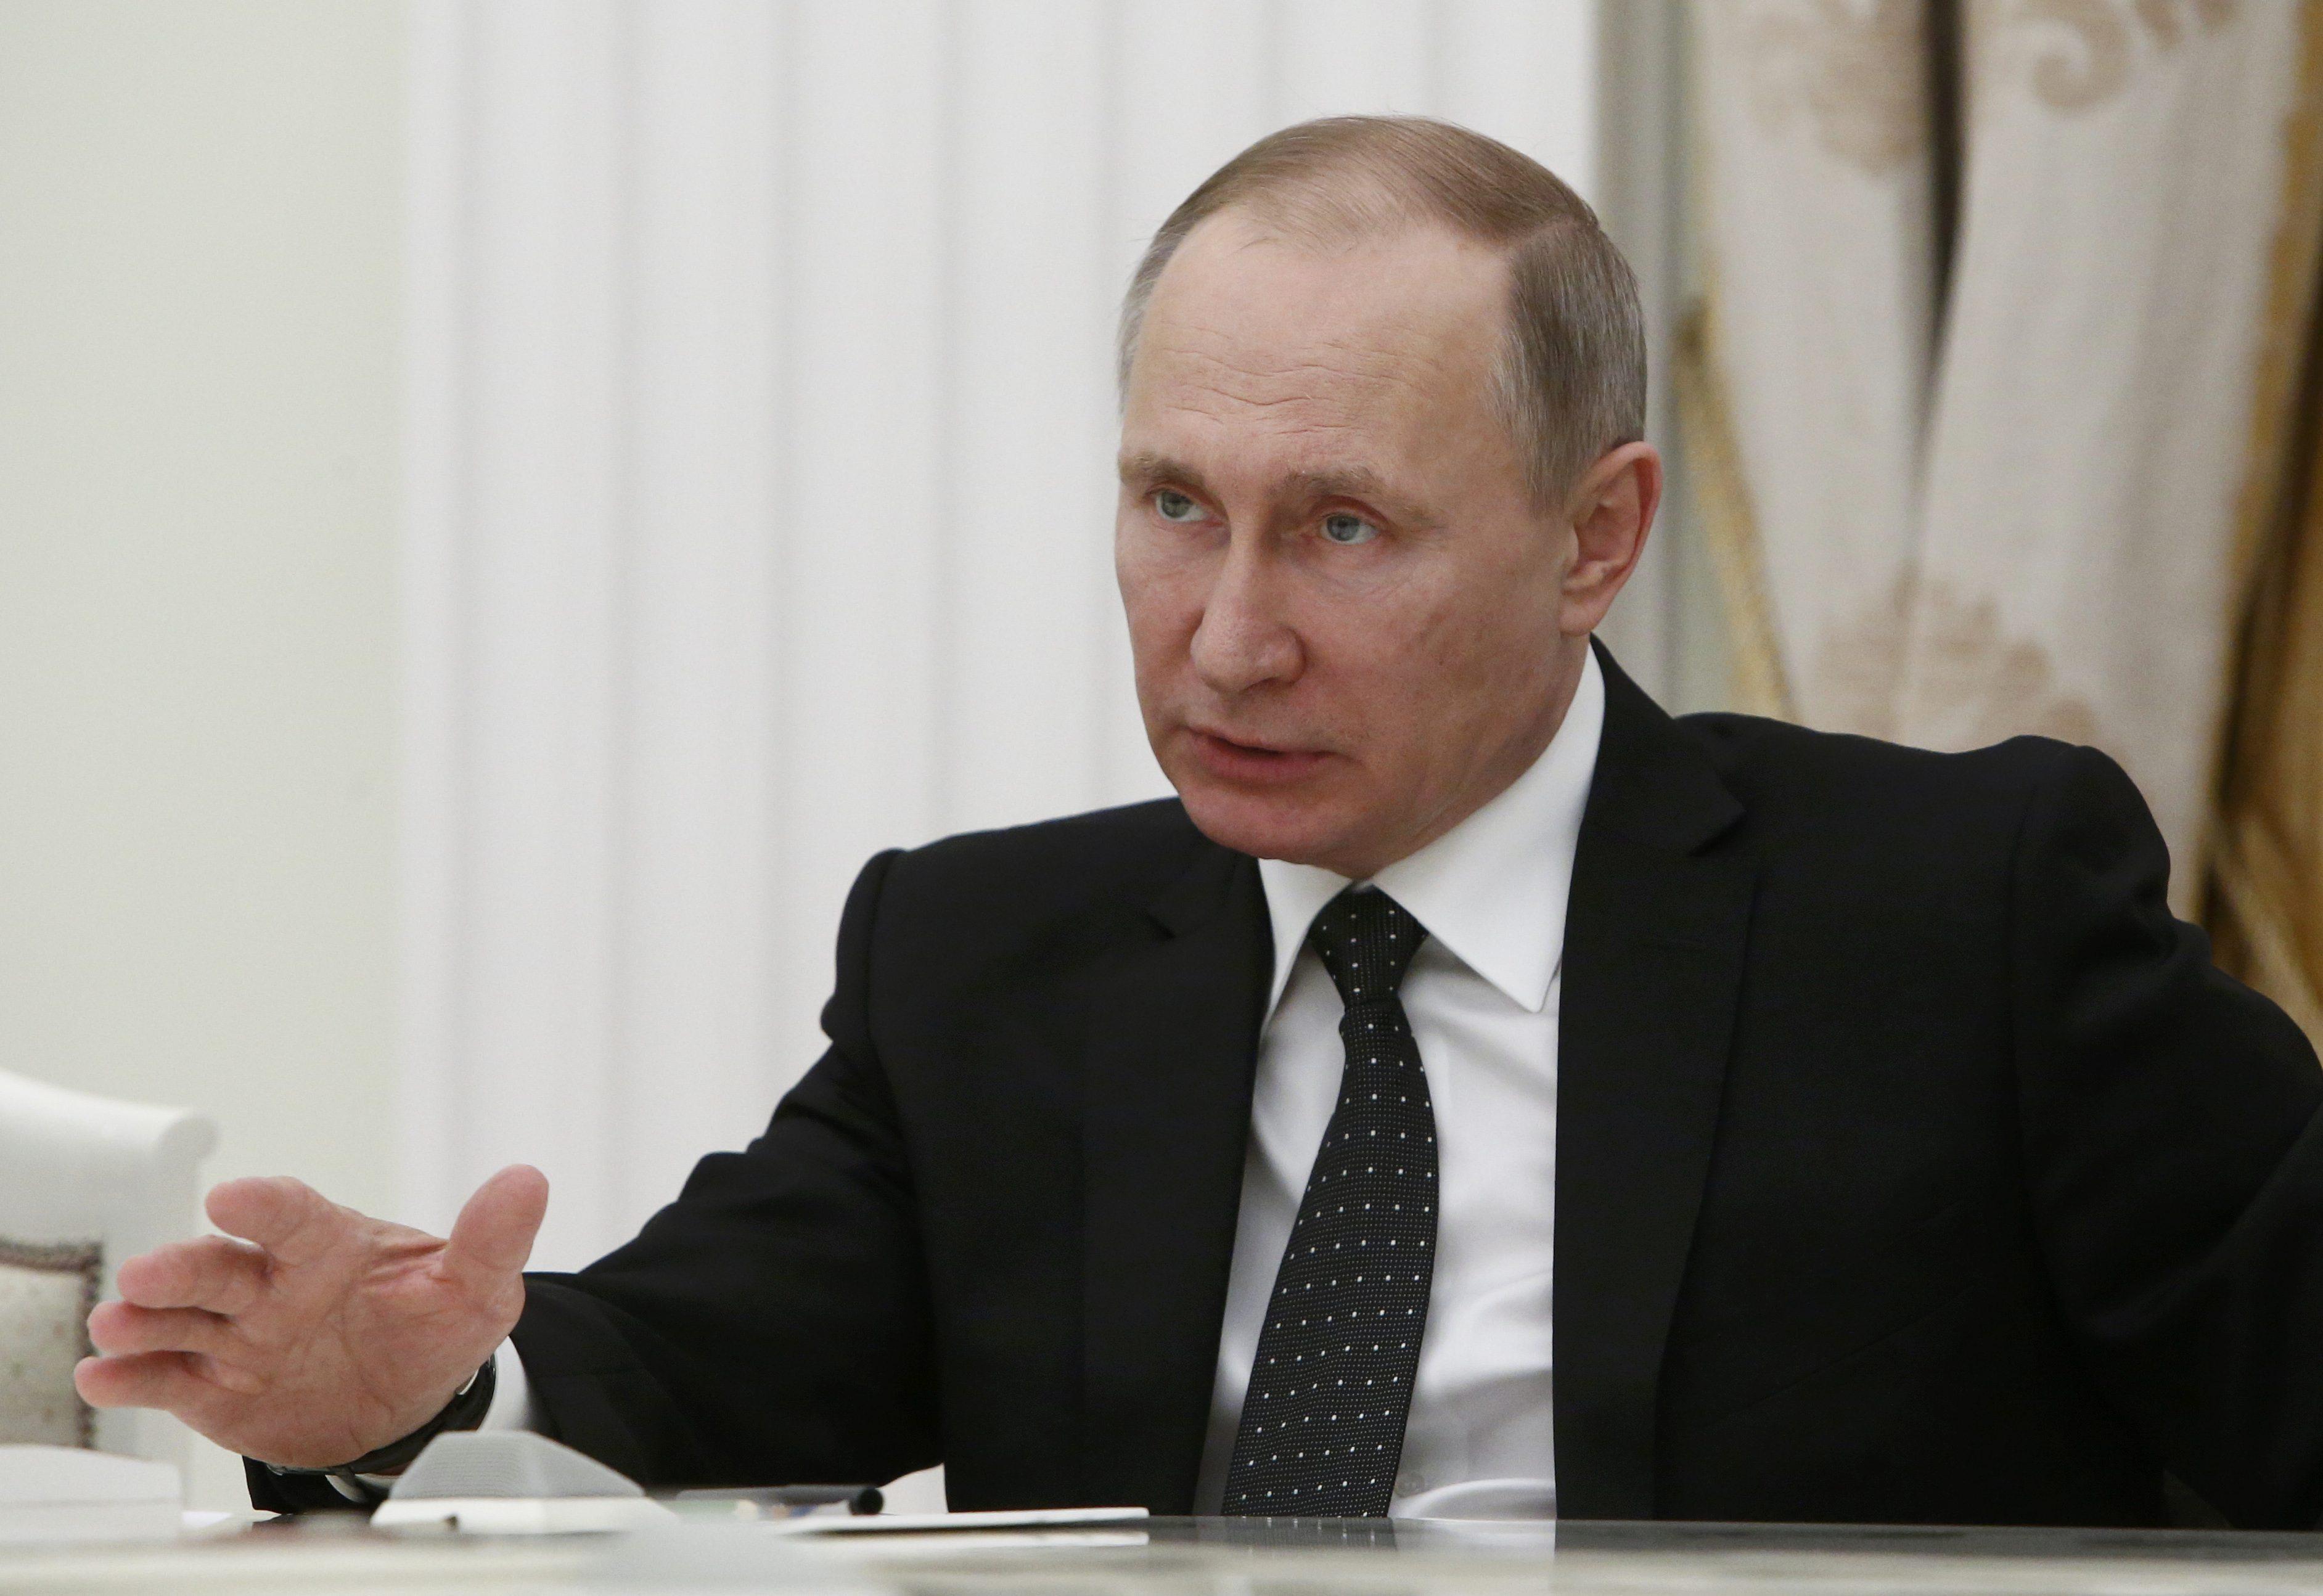 صورة بوتين: موسكو تولي اهتماماً كبيراً لاتفاق وقف إطلاق النار في سورية